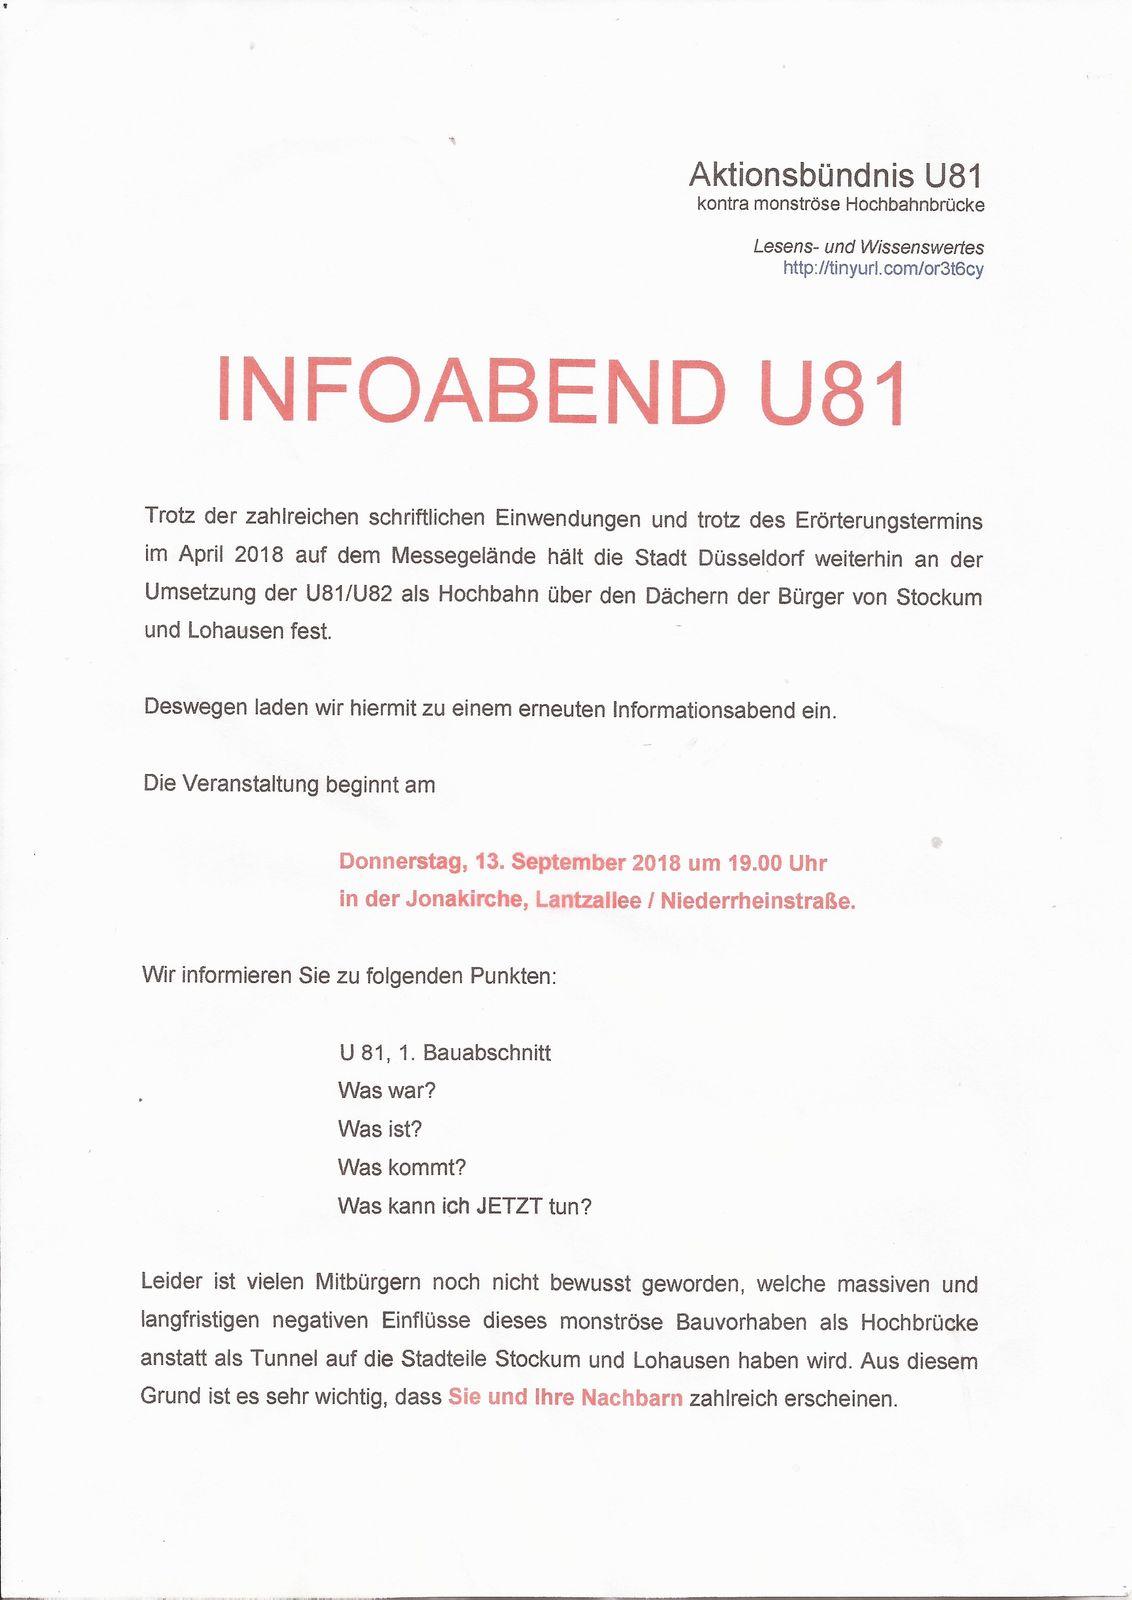 Infoabend 13 9.18